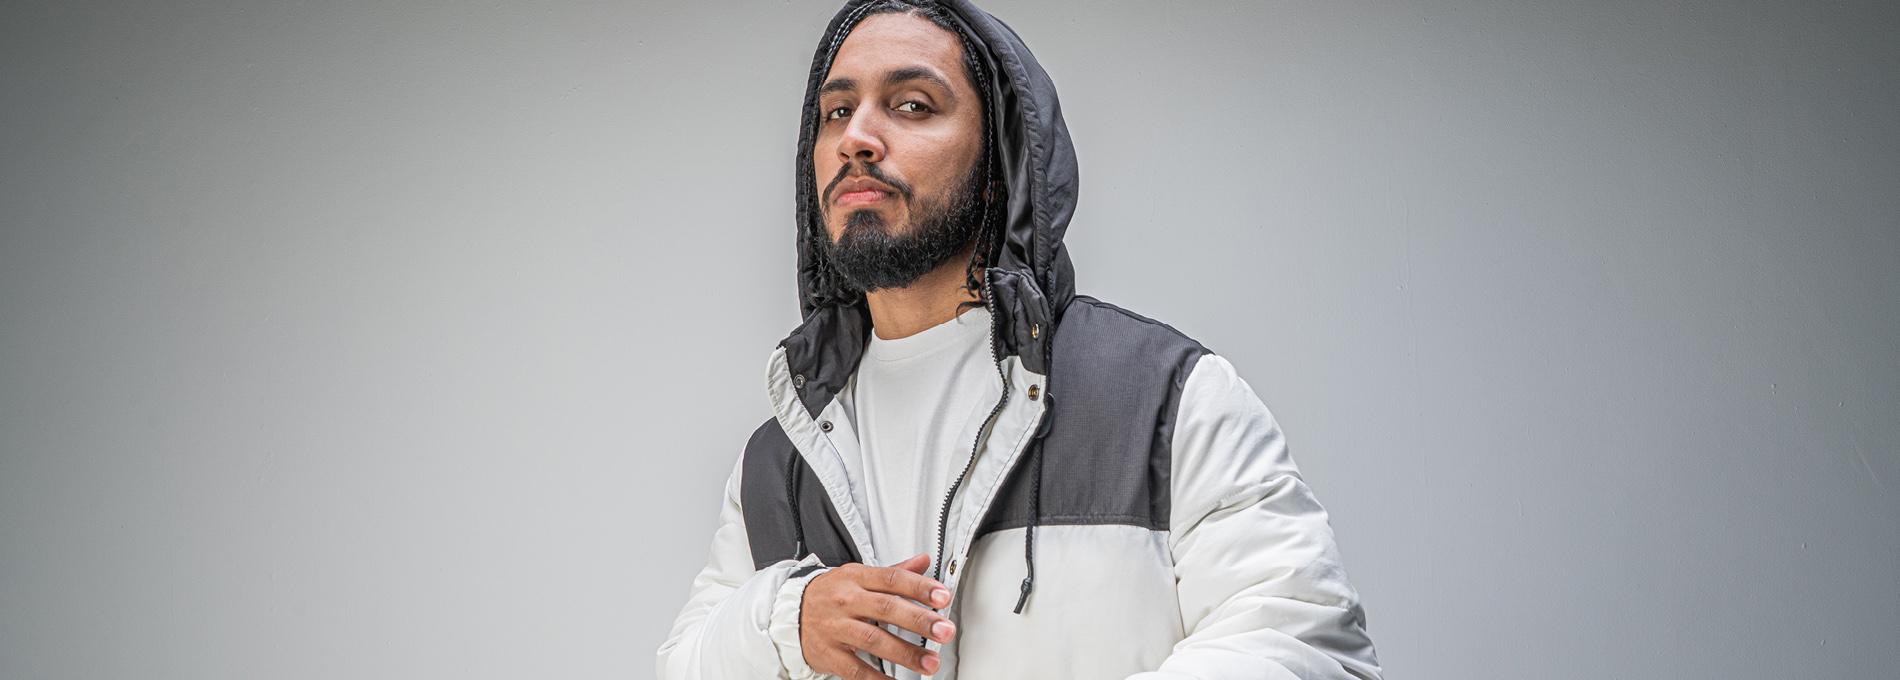 <span>Rashid encontra a própria voz</span>